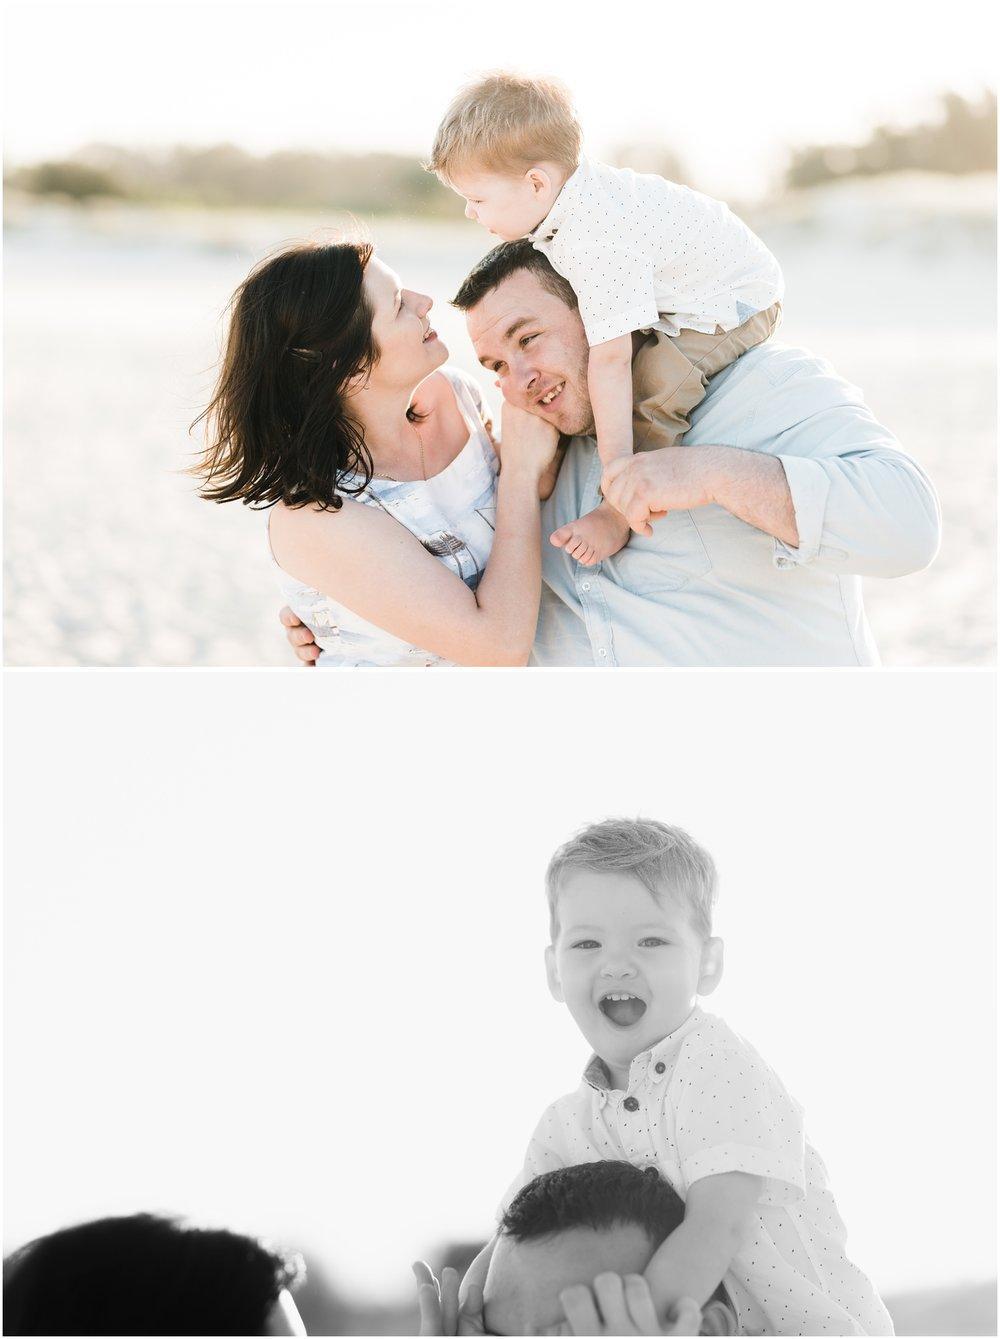 gold-coast-beach-family-photography34.jpg